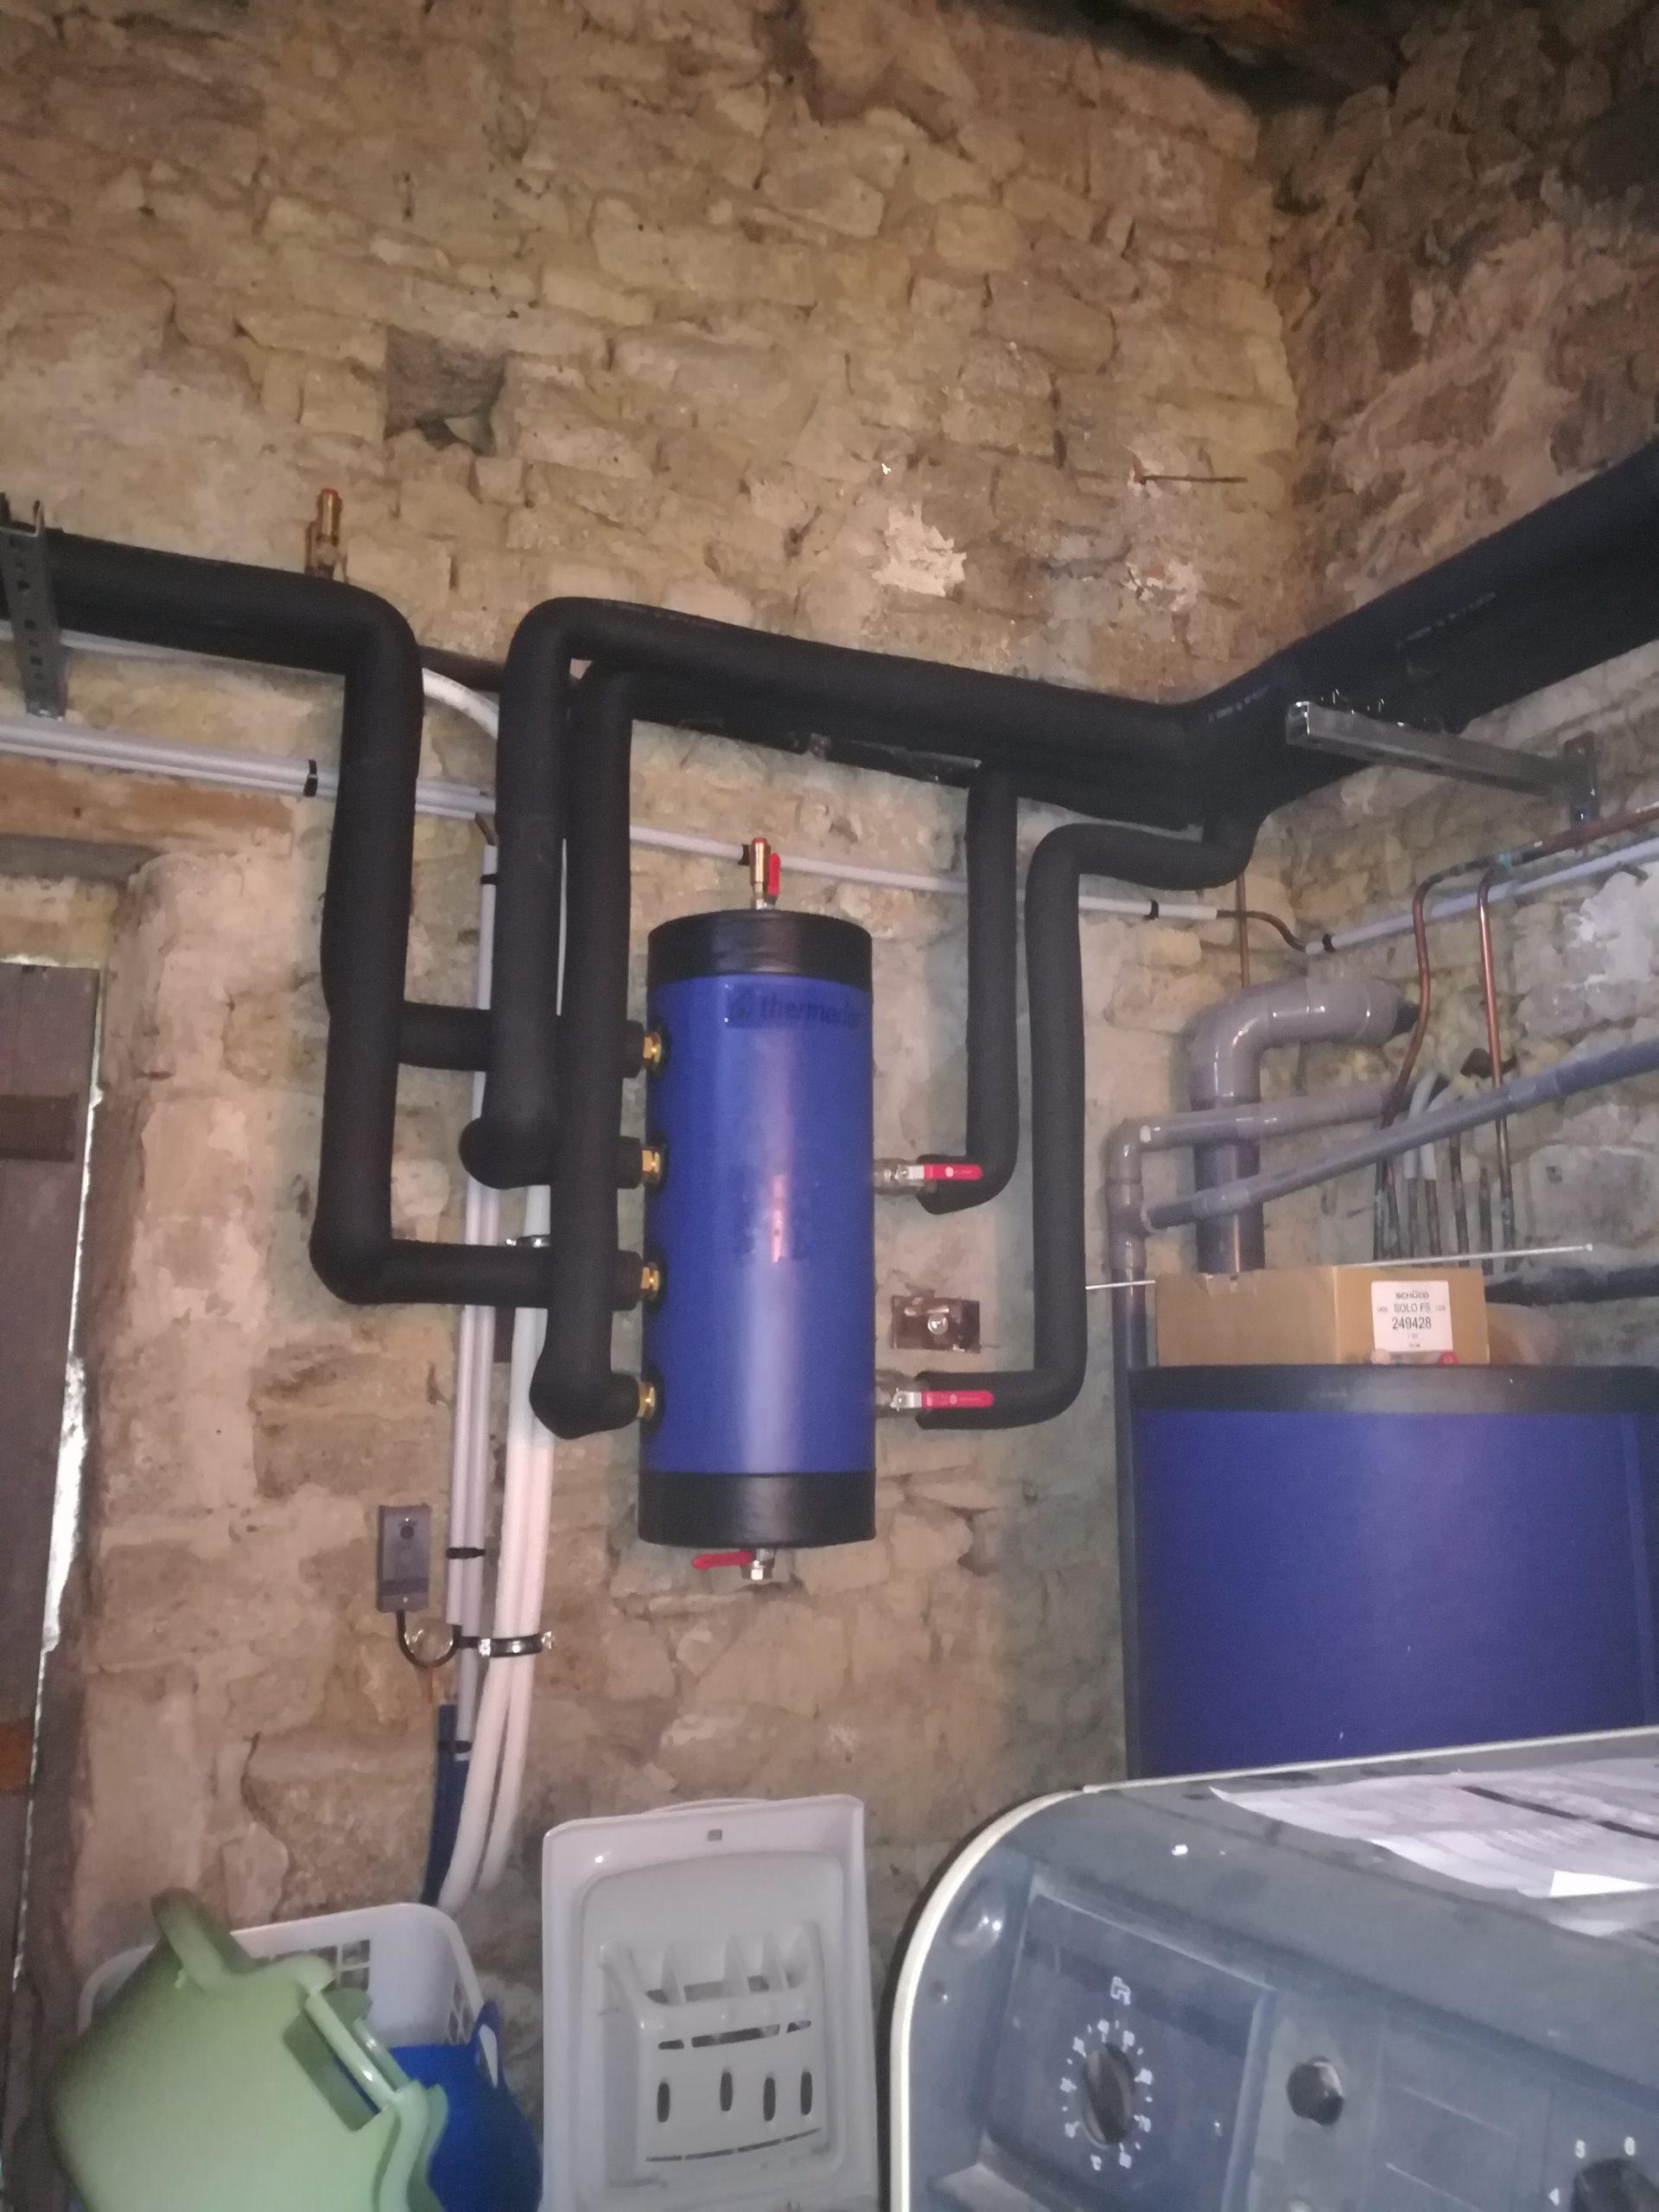 PAC 2 1 scaled - Chauffage / Plomberie / Électricité